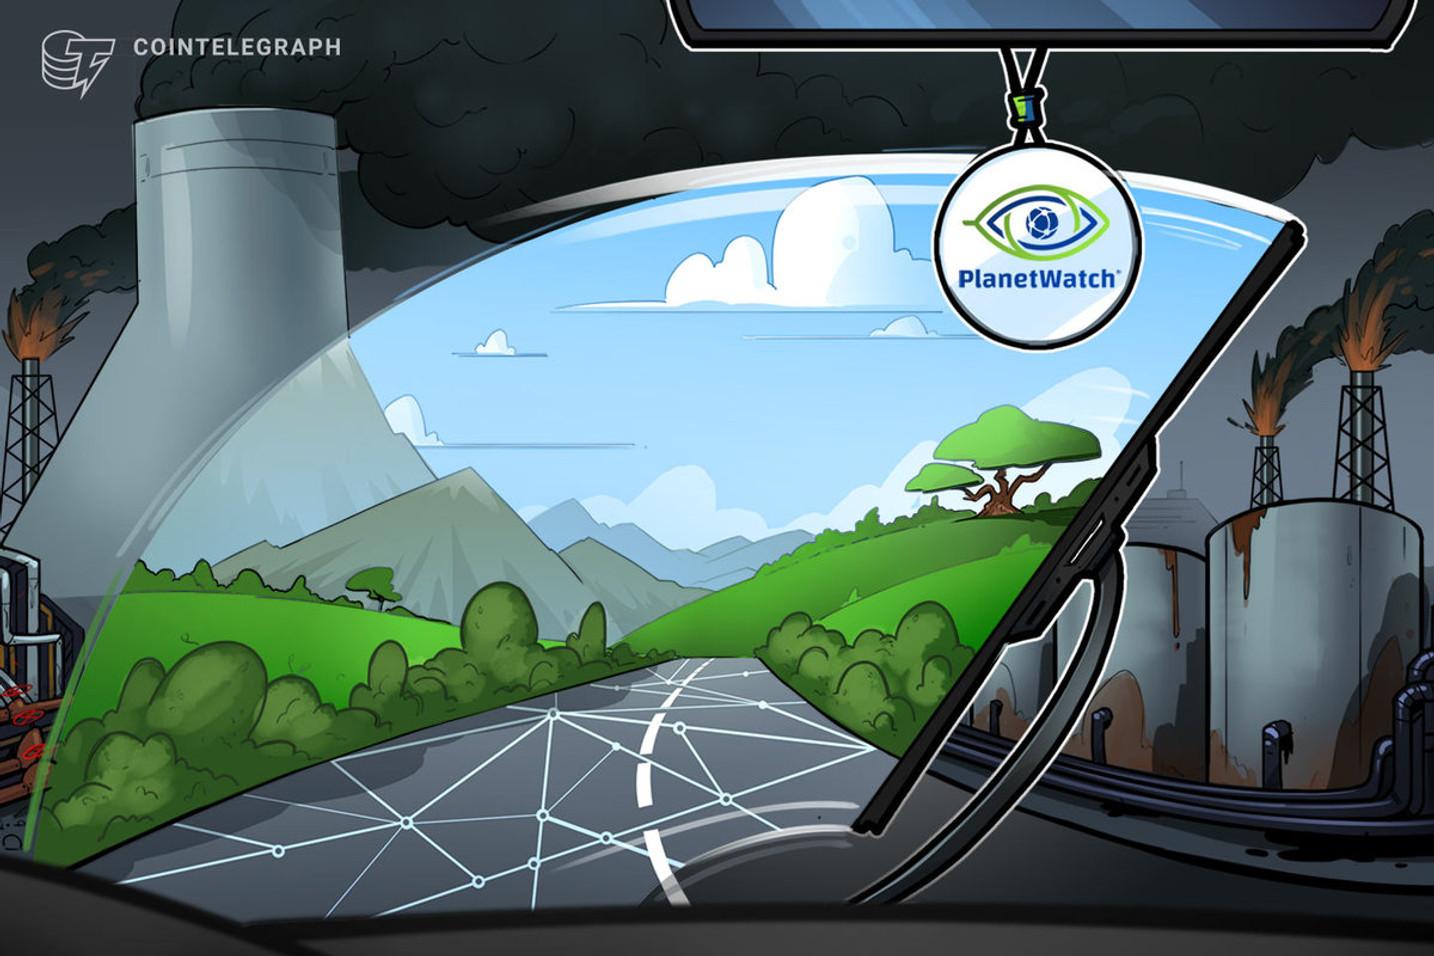 两家公司在区块链和物联网的交叉点形成合作关系